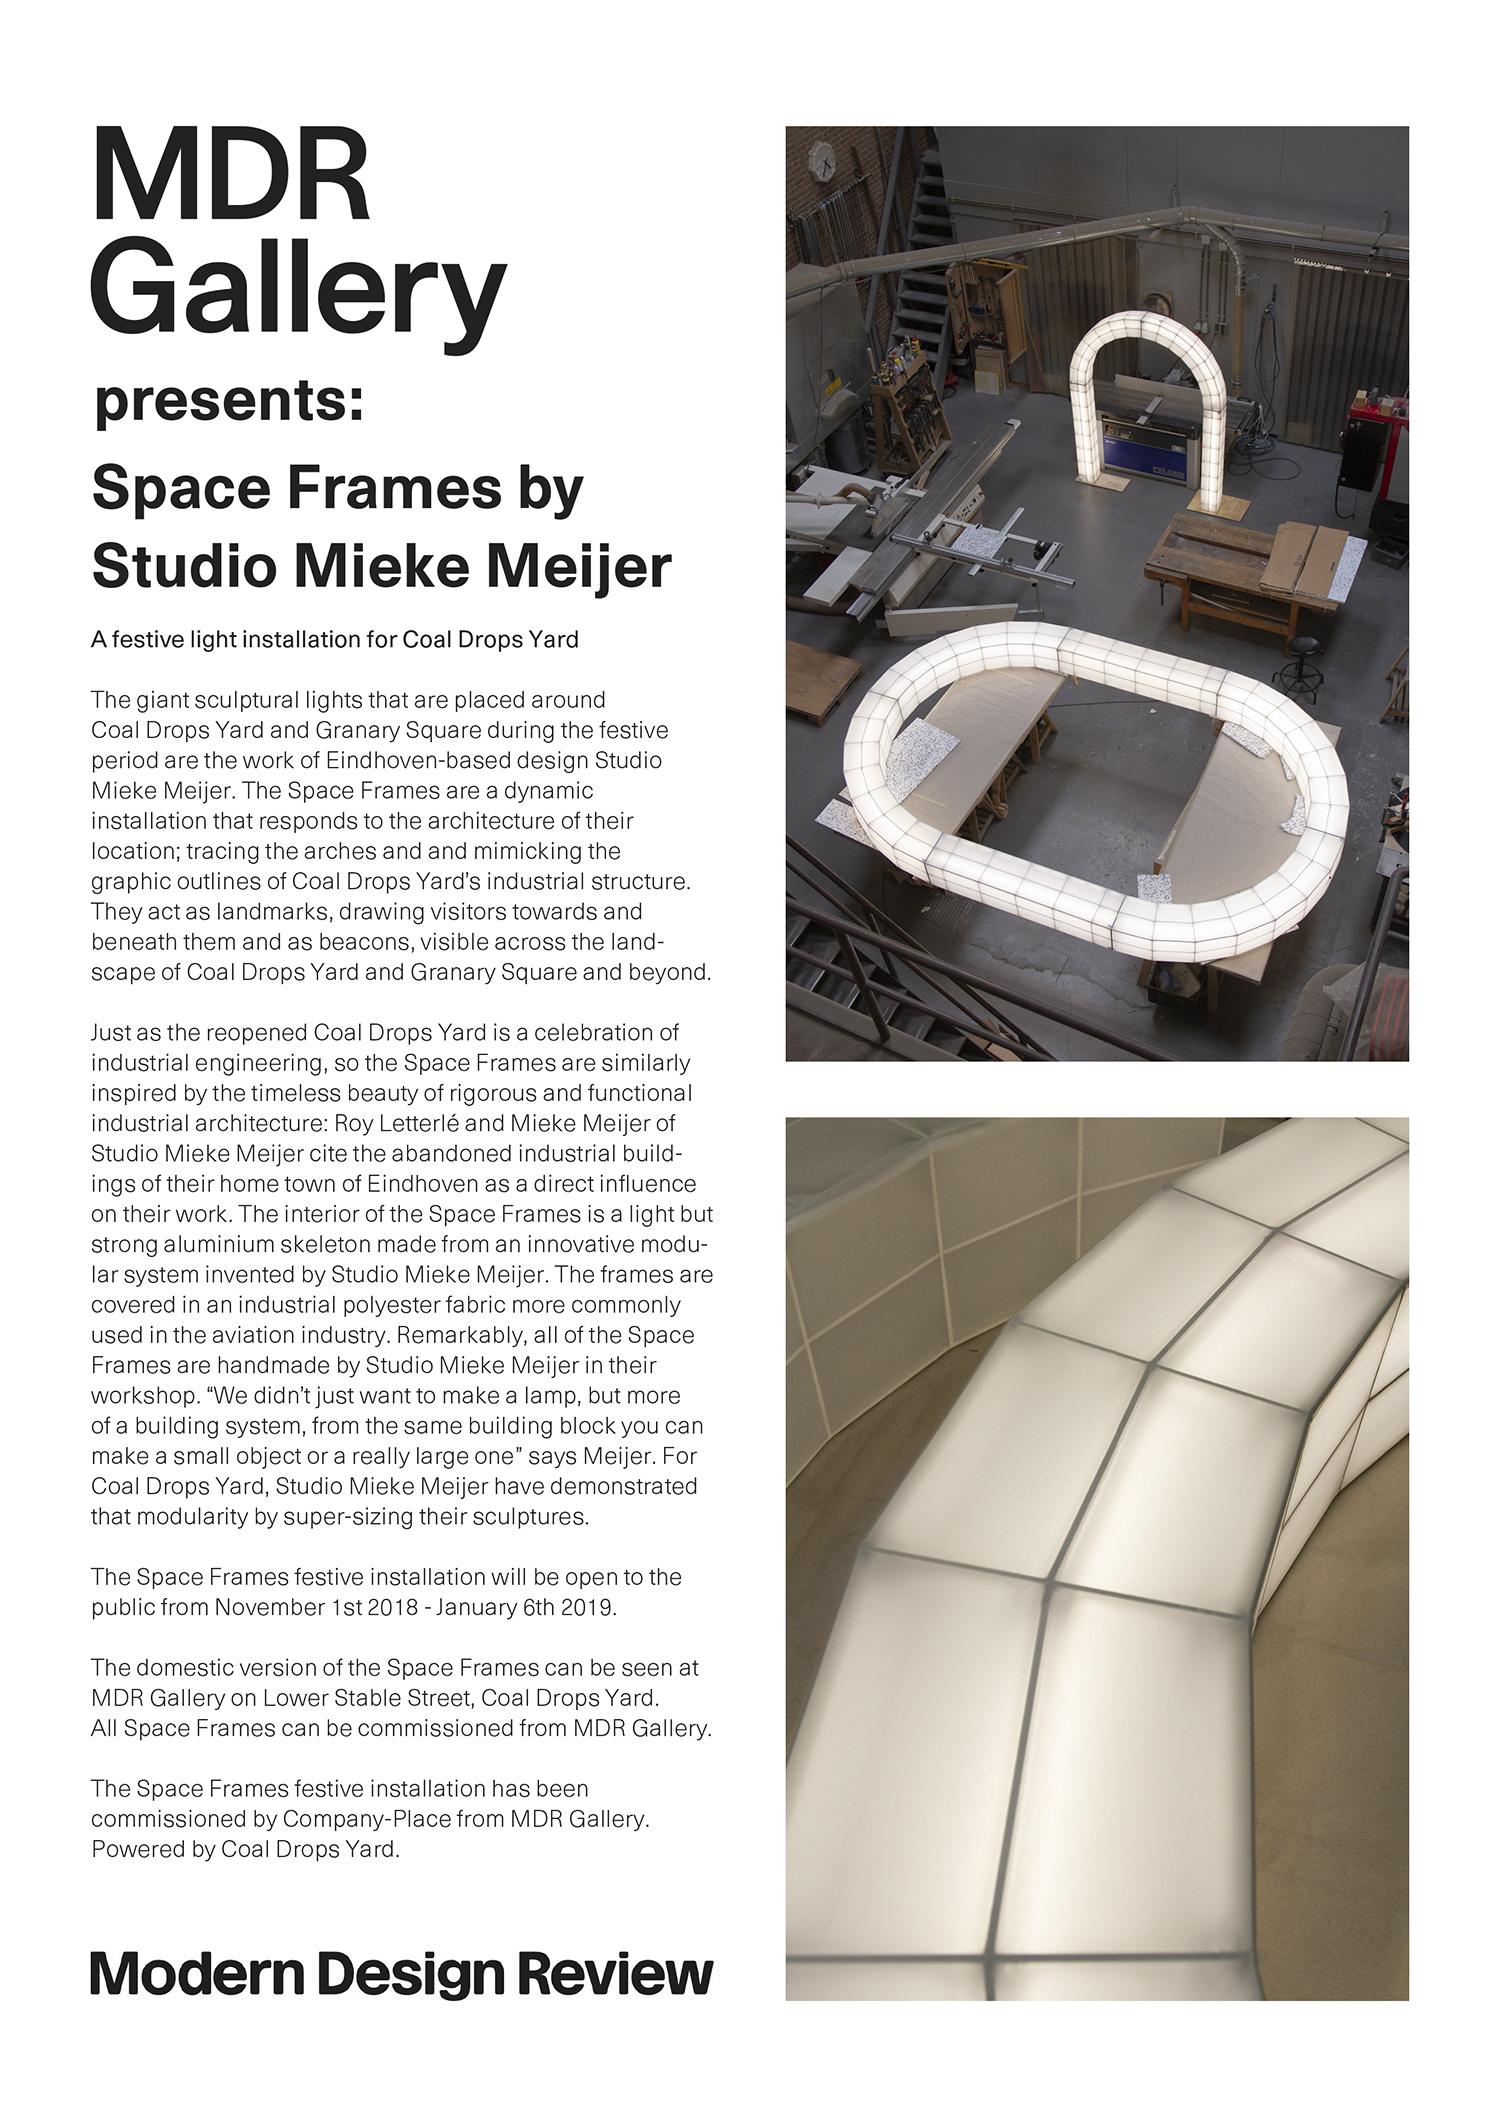 Mieke Meijer Lights Press Release 01.11.18 a.jpg